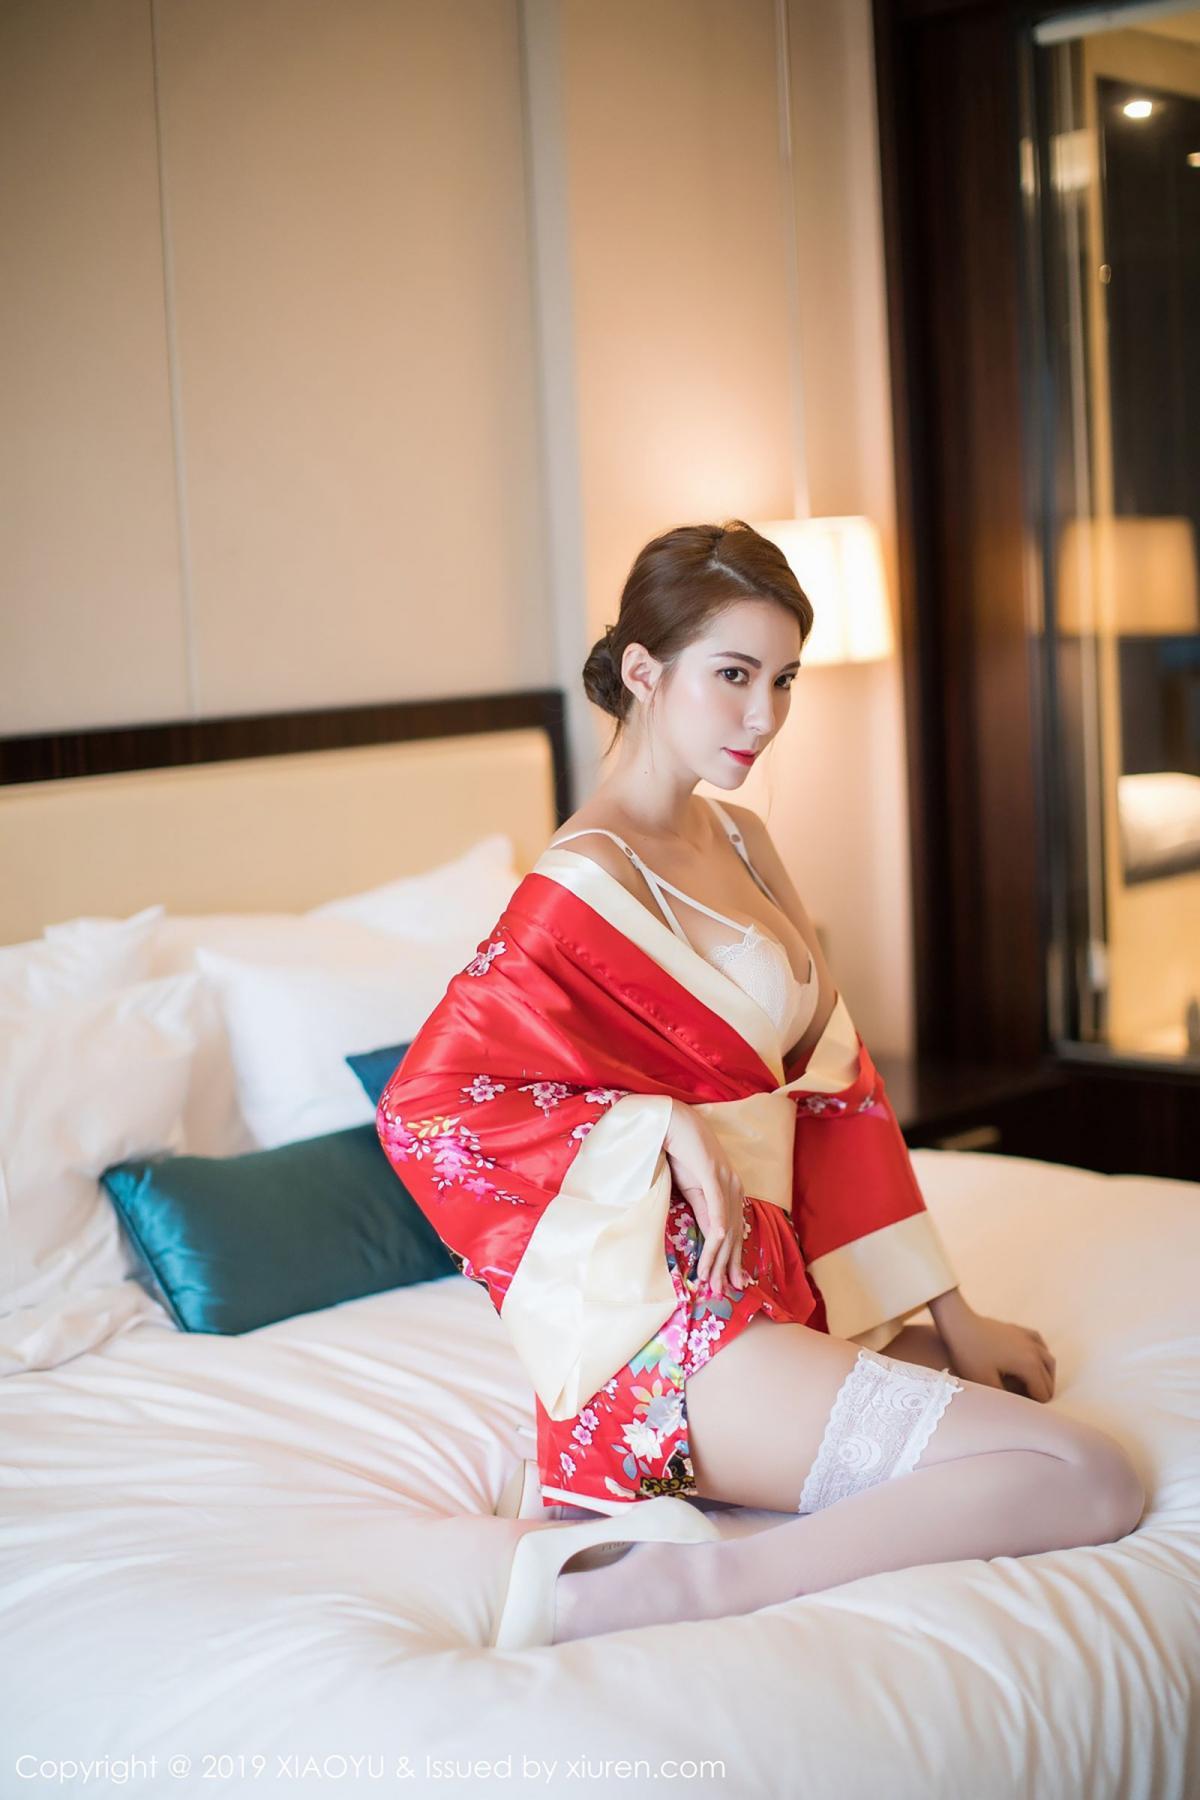 [XiaoYu] Vol.014 Chen Liang Ling 3P, Chen Liang Ling, Kimono, Tall, XiaoYu